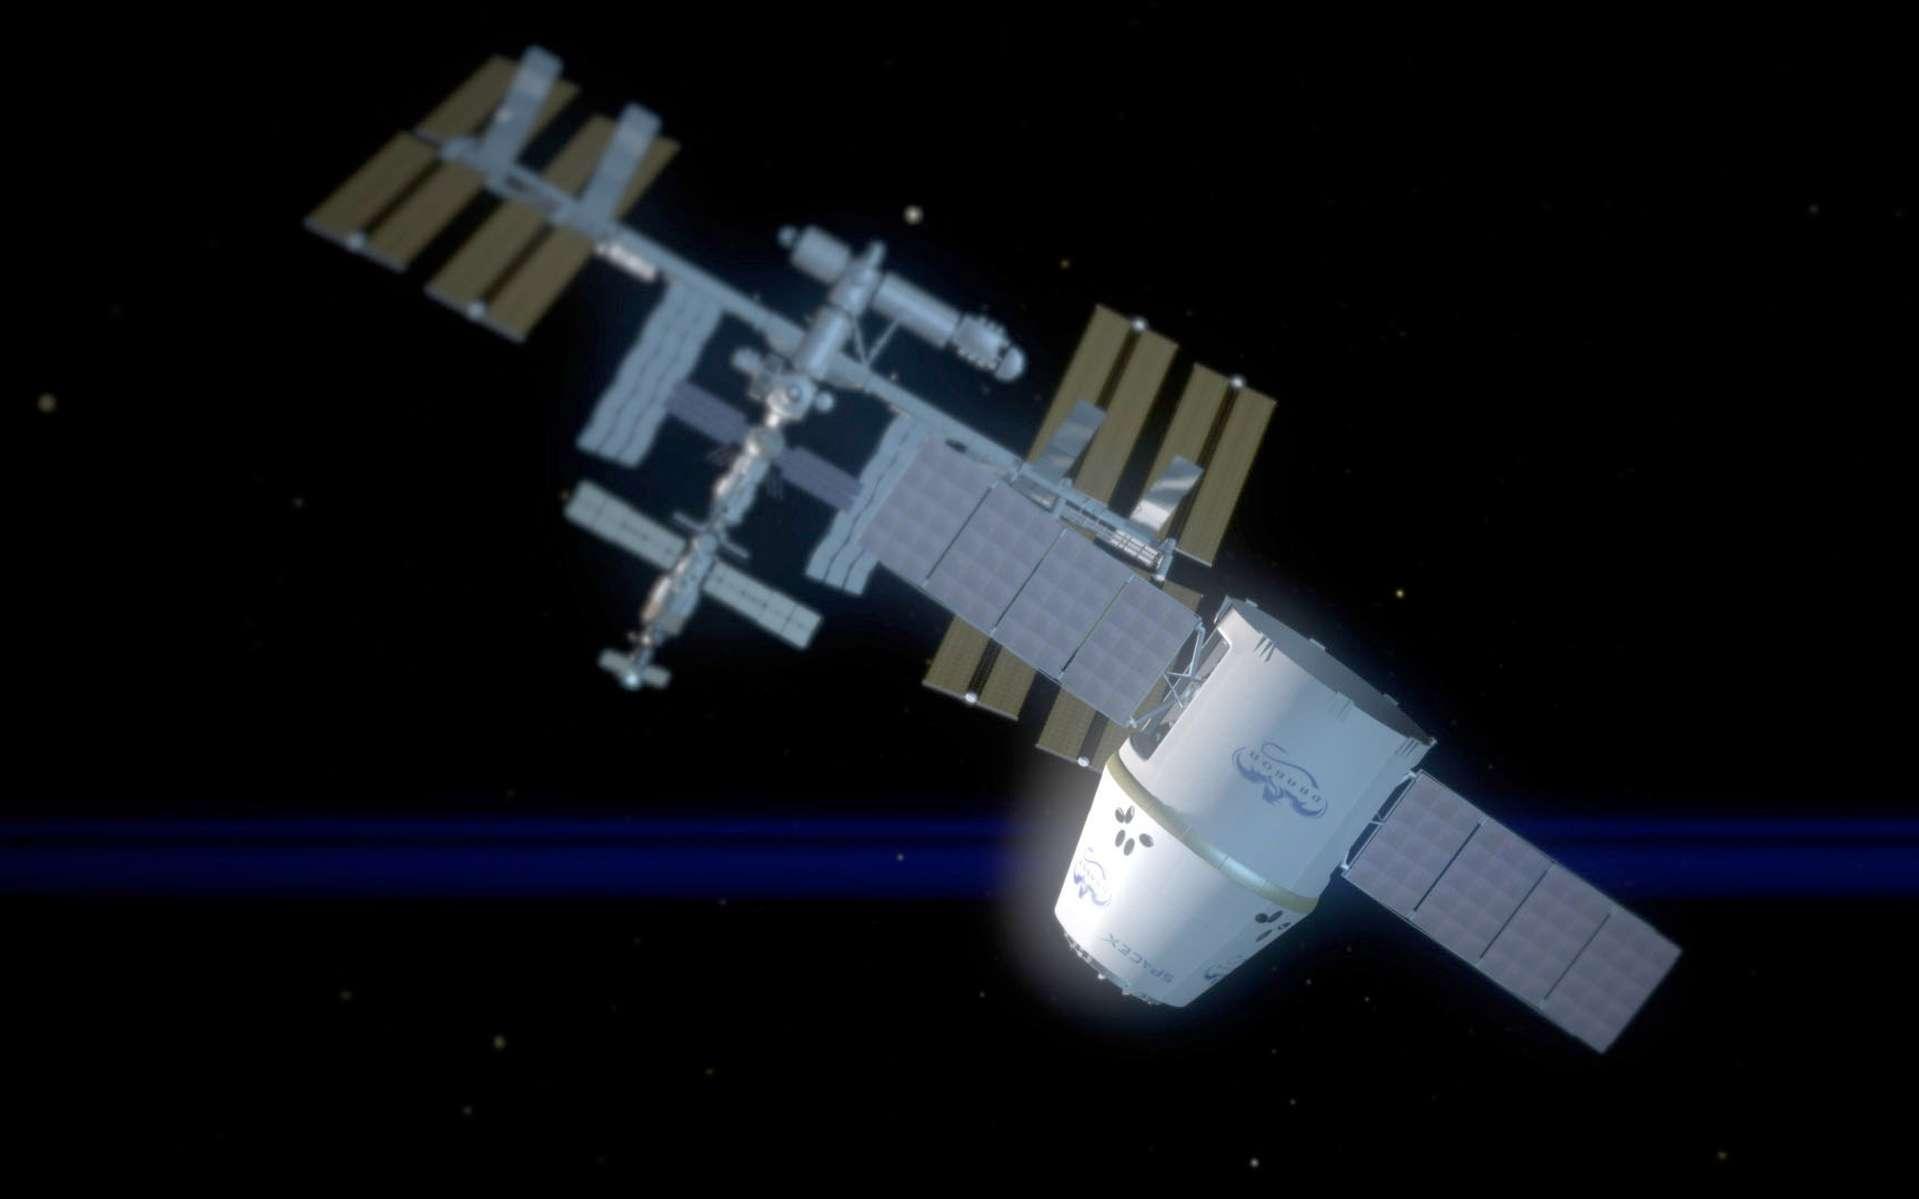 La capsule Dragon, qui transporte du fret, premier module privé à rejoindre la Station pour la ravitailler. © Nasa/SpaceX